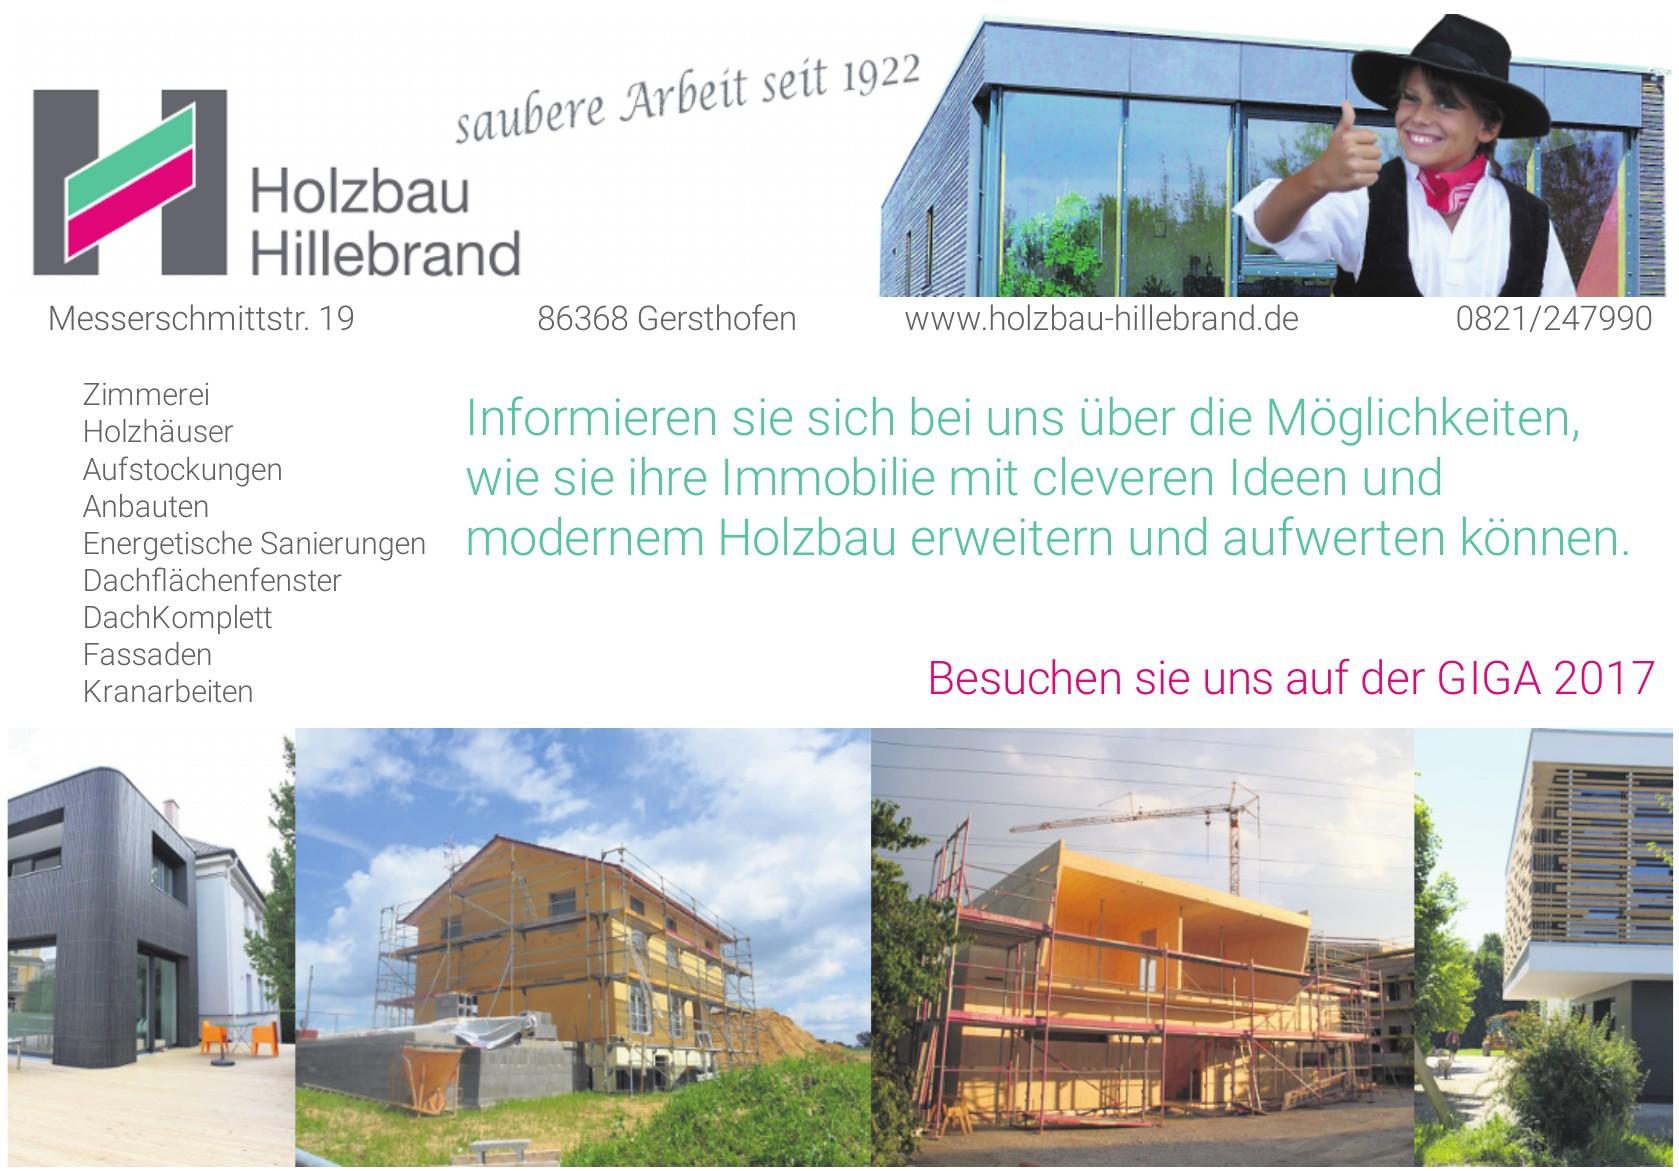 Holzbau Hillebrand